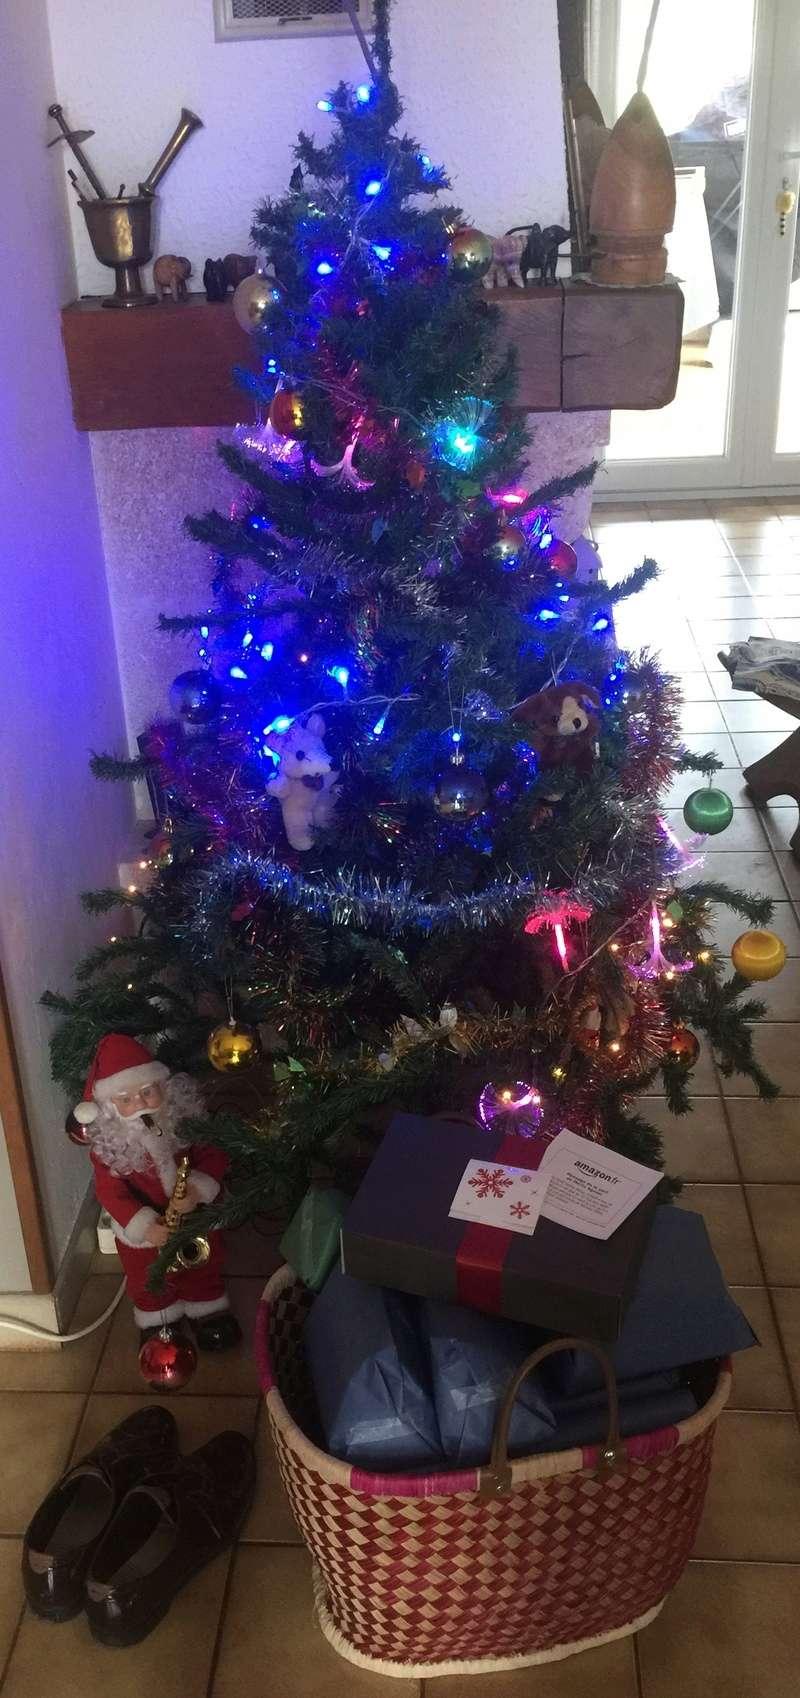 [Terminé] Un cadeau entre membres pour Noël 2016 ! - Page 2 Cadeau11